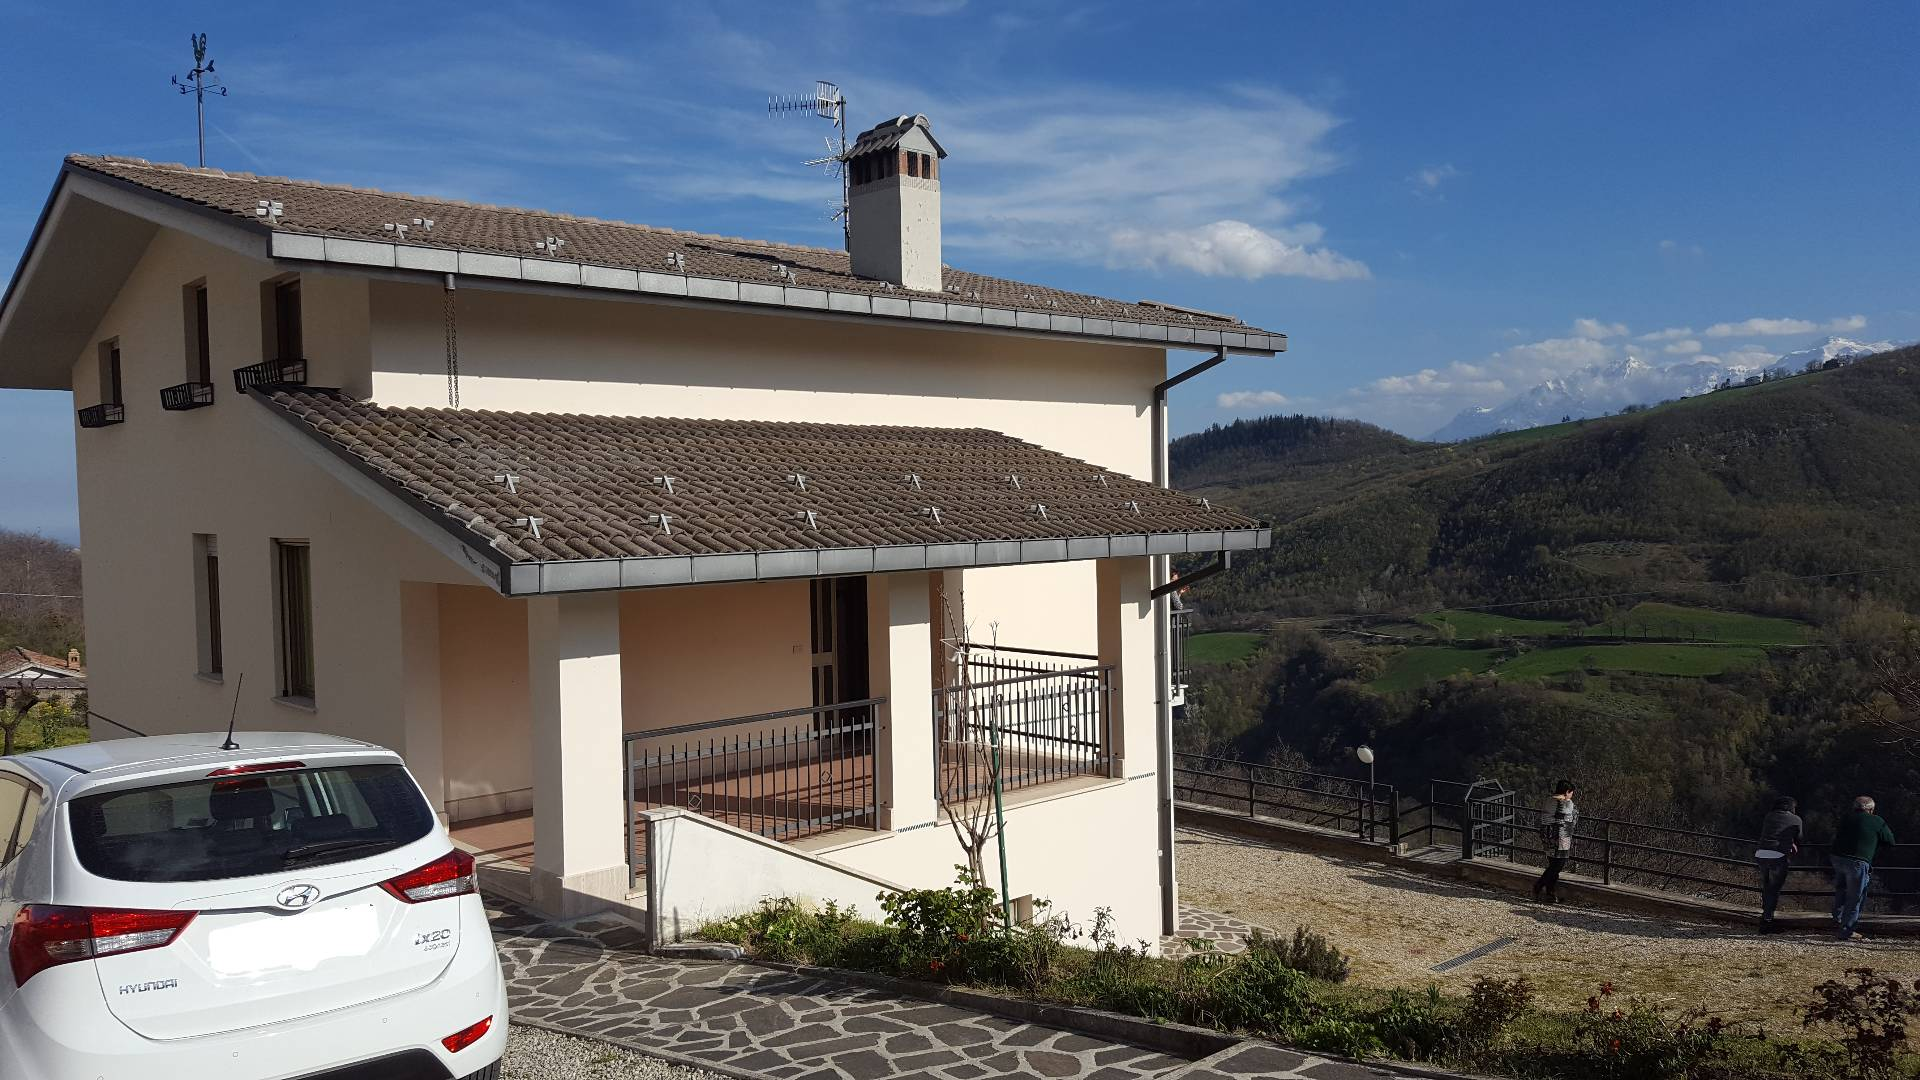 Soluzione Indipendente in vendita a Cortino, 8 locali, prezzo € 180.000 | Cambio Casa.it